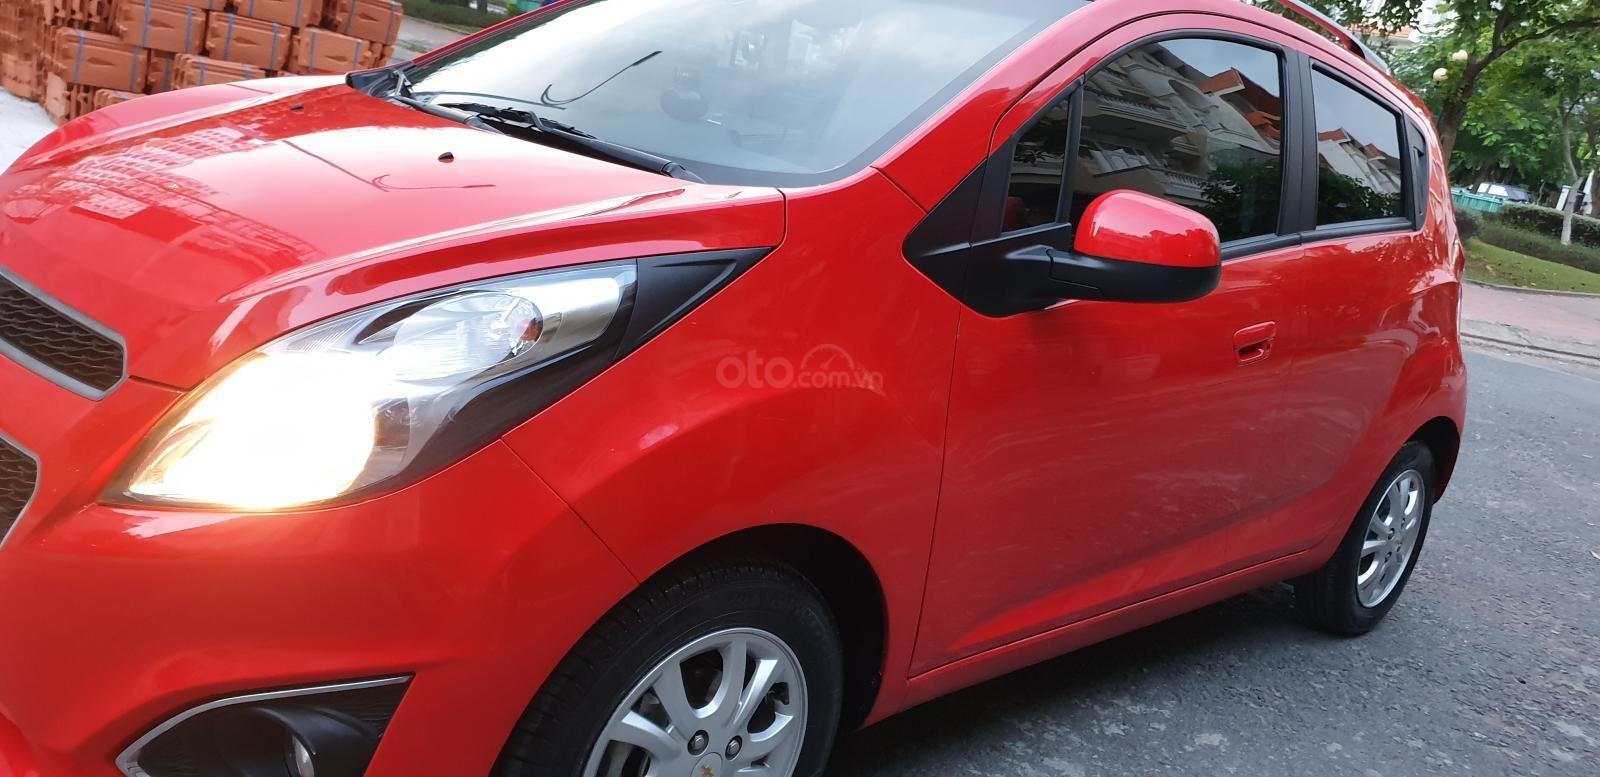 Bán Chevrolet Spark LTZ , số tự động đời T2/2014 sx 2013 màu đỏ đẹp mới 90% (4)